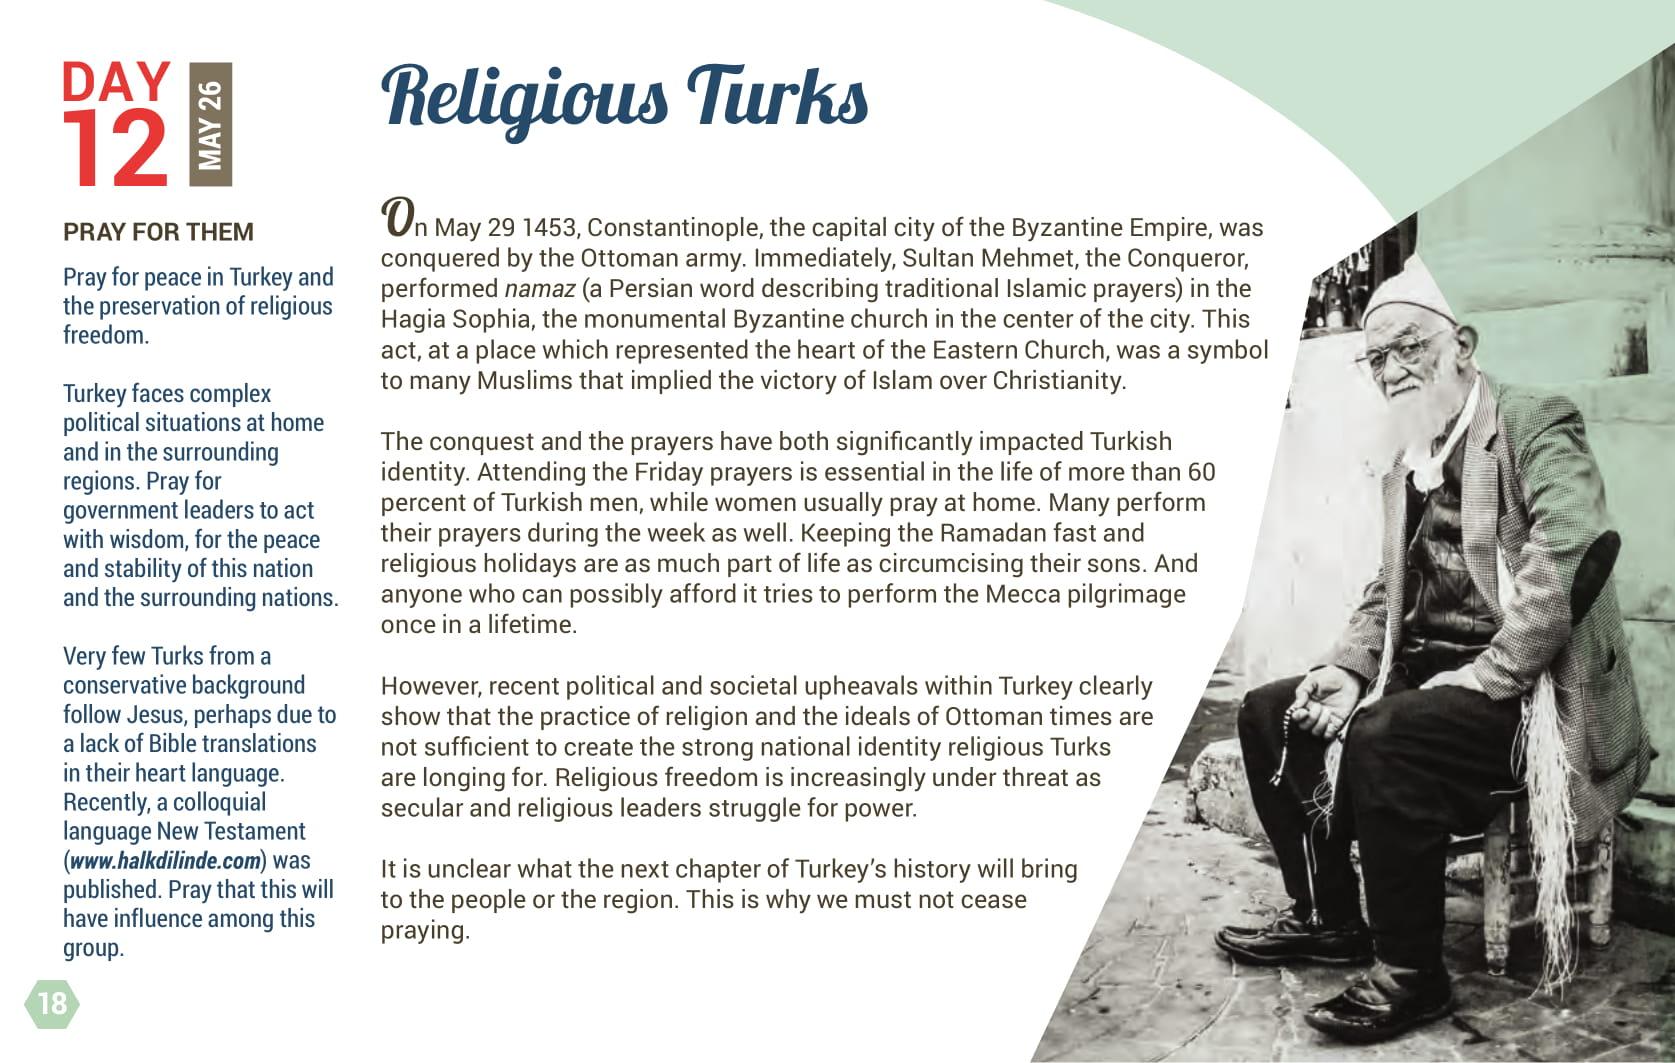 Day 12 - Religious Turks